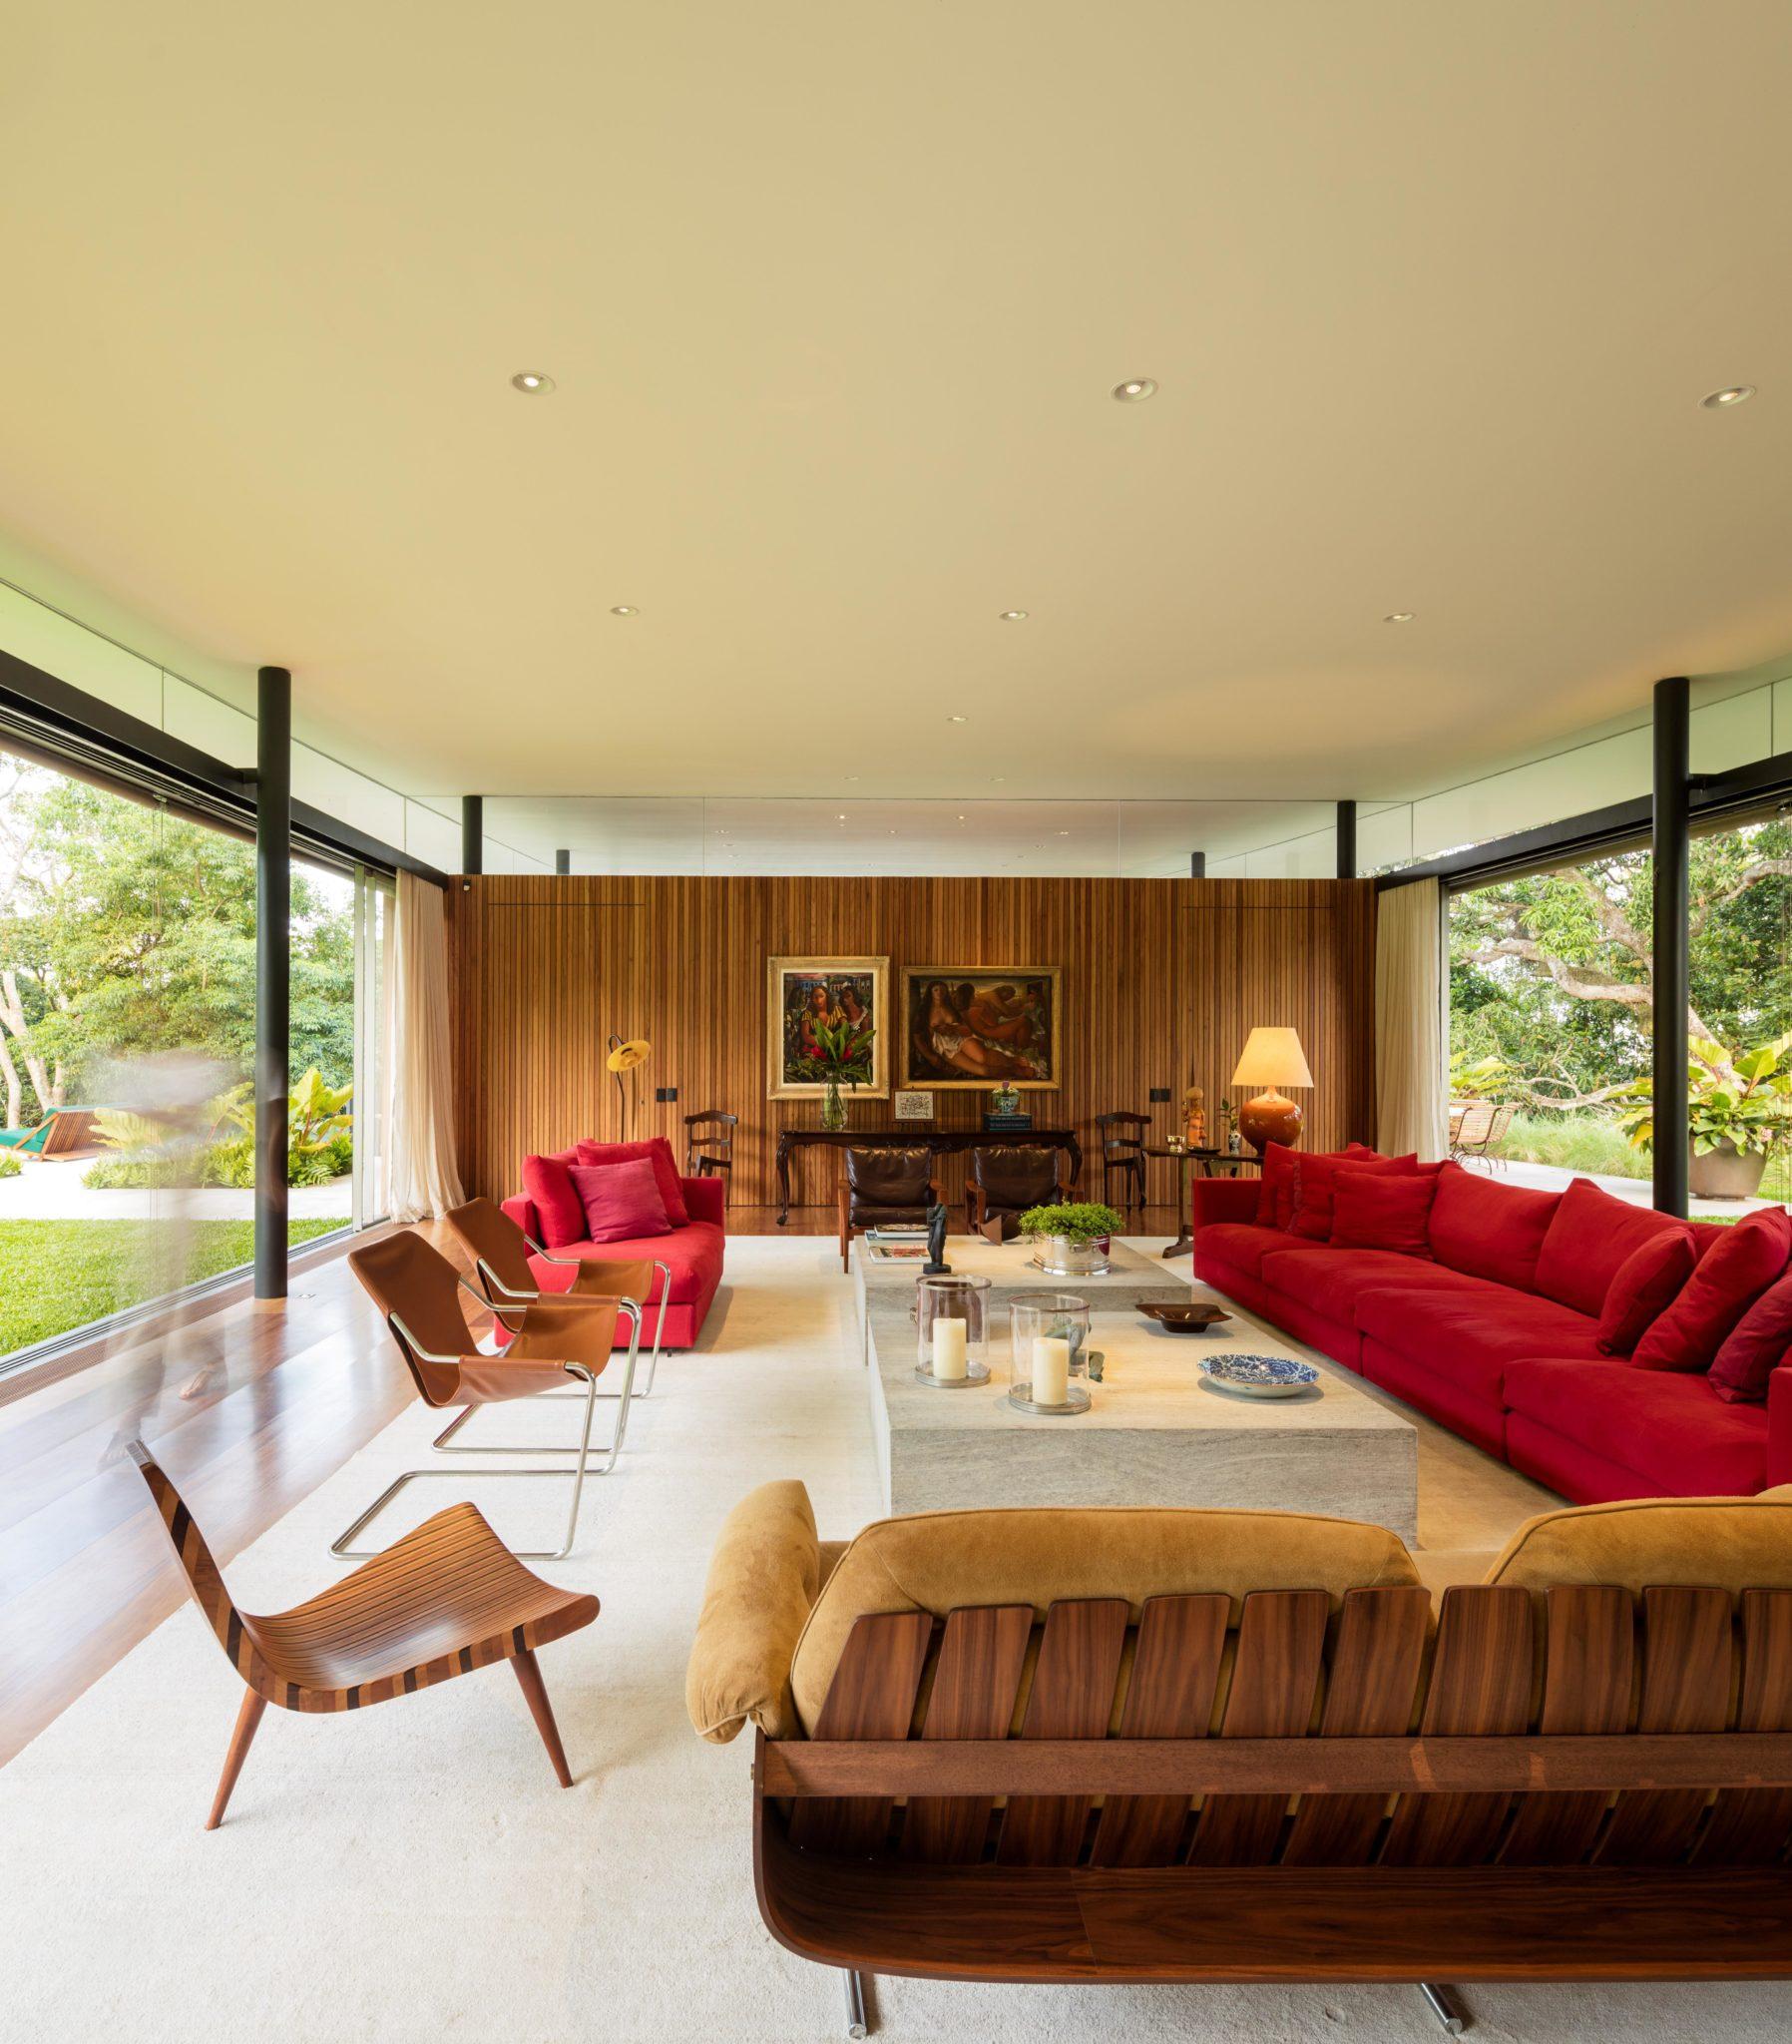 La casa tiene 3.000 m2 construidos